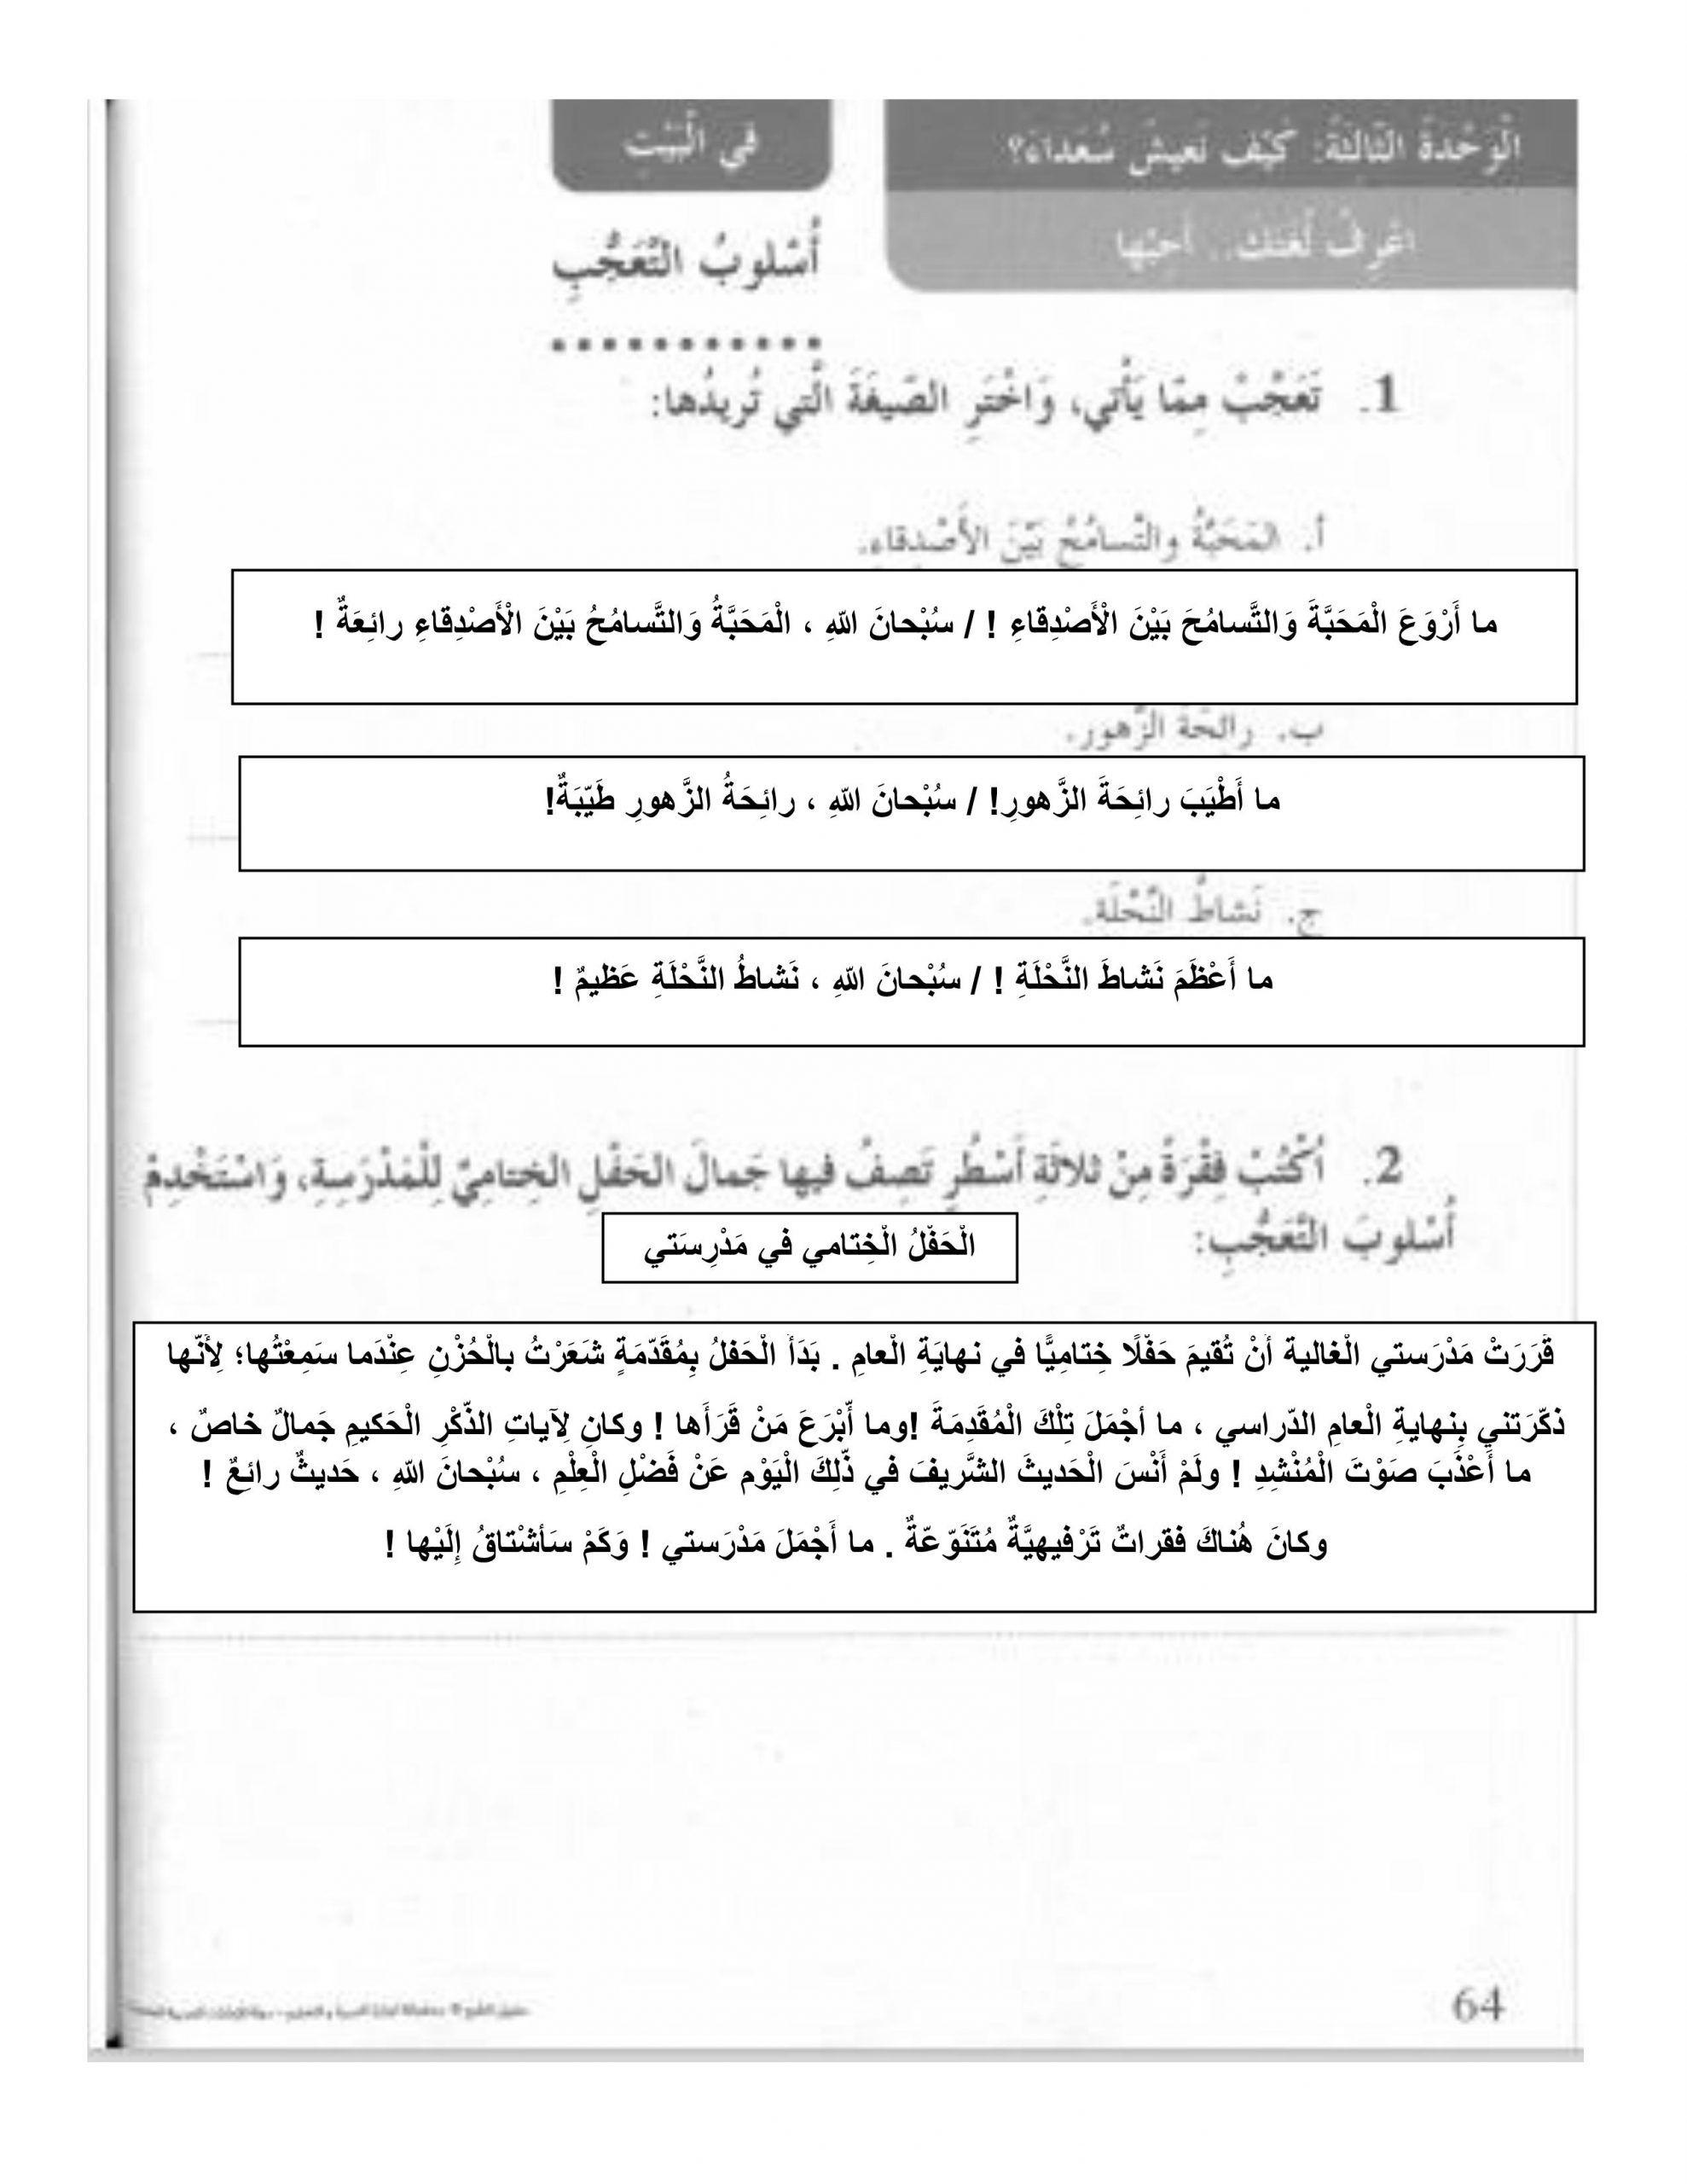 حل اسلوب التعجب كتاب النشاط الصف الثالث مادة اللغة العربية